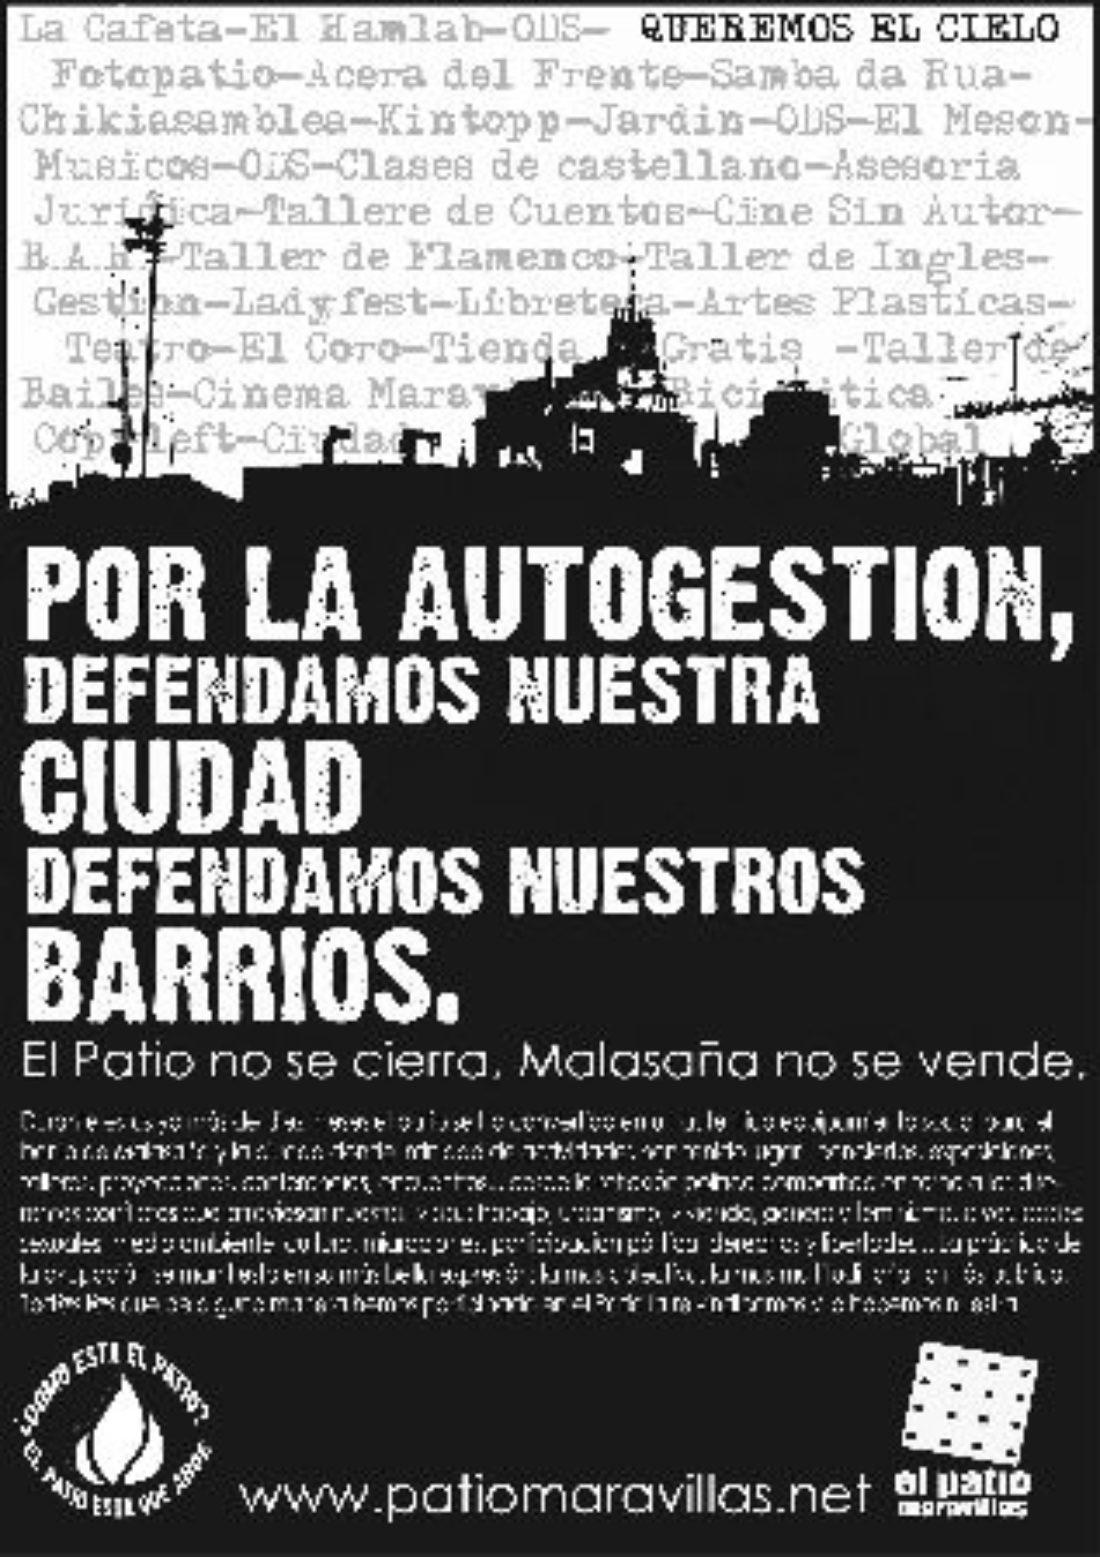 Madrid: manifestación en apoyo al Patio Maravillas, 7 de junio, 18 h., Plaza de España.